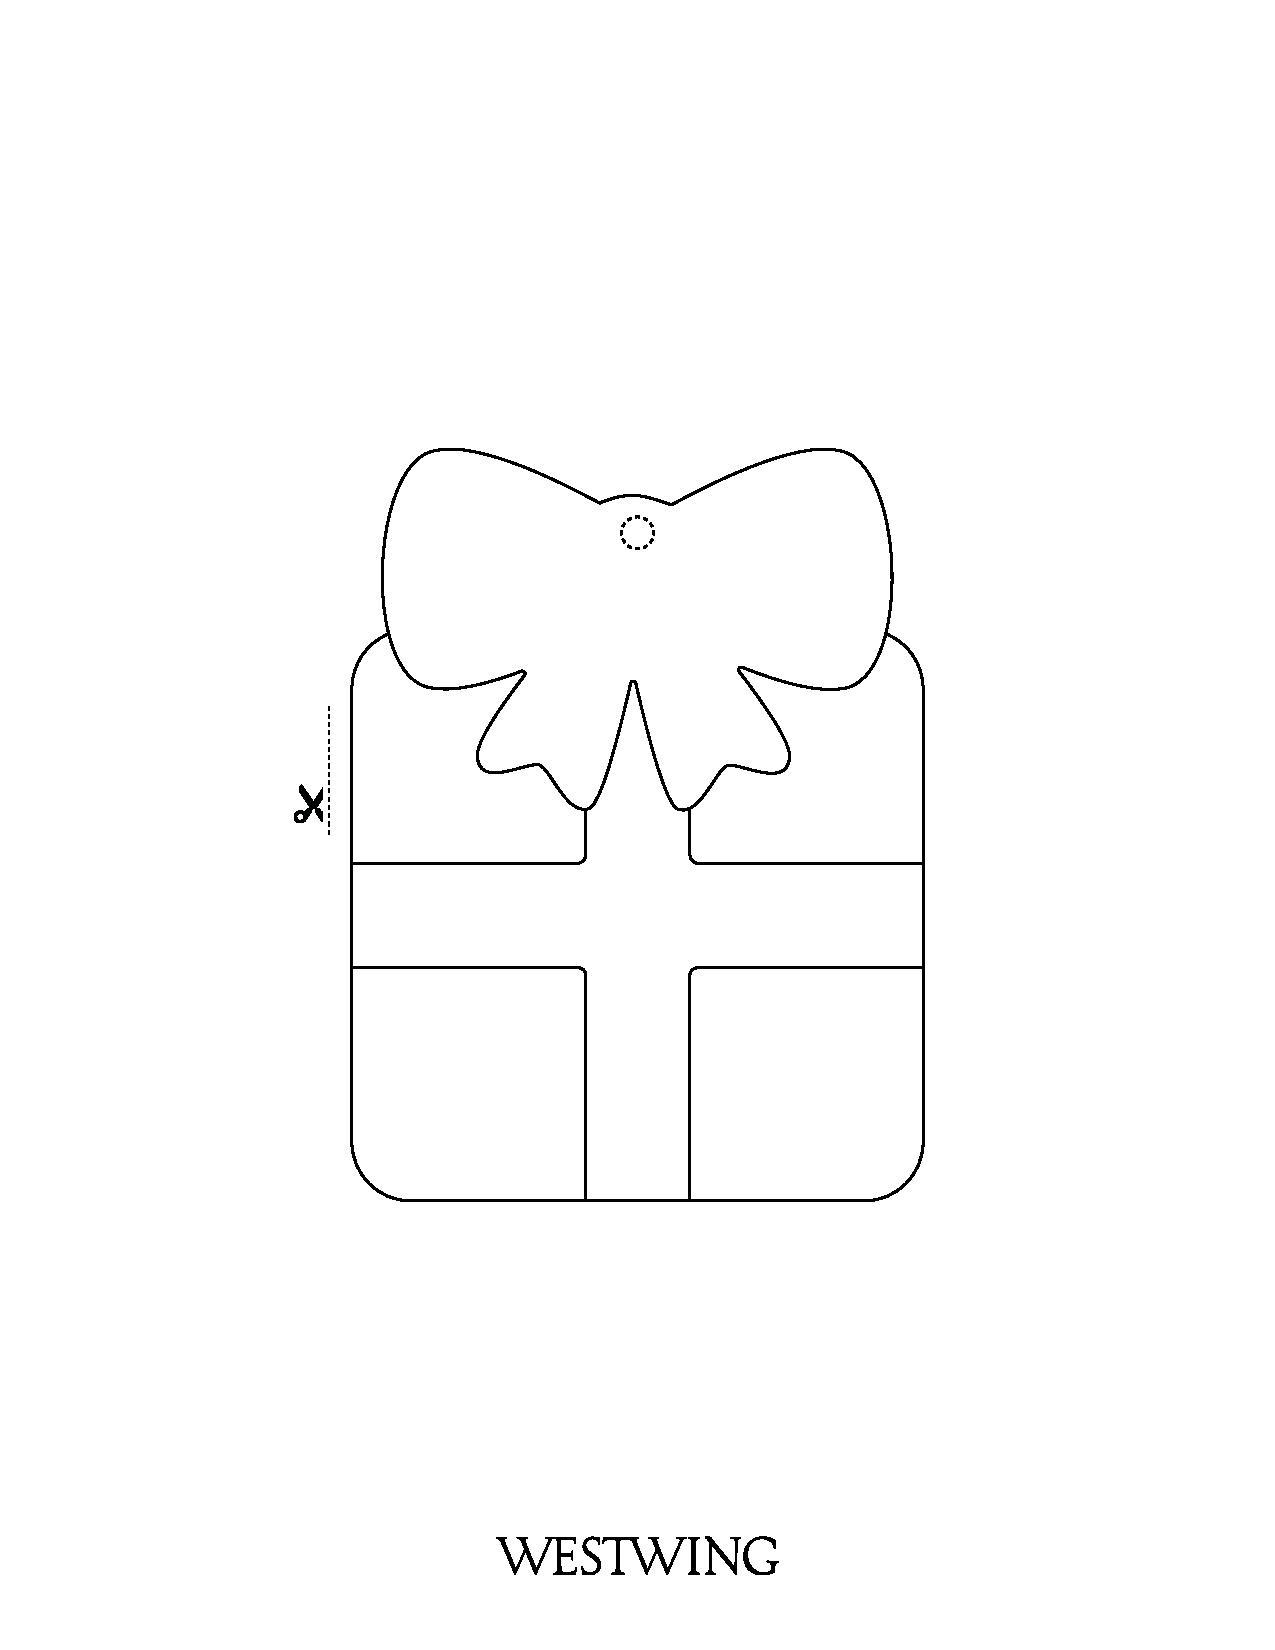 Cadeau de Noël à découper et colorier, simple pour les enfants